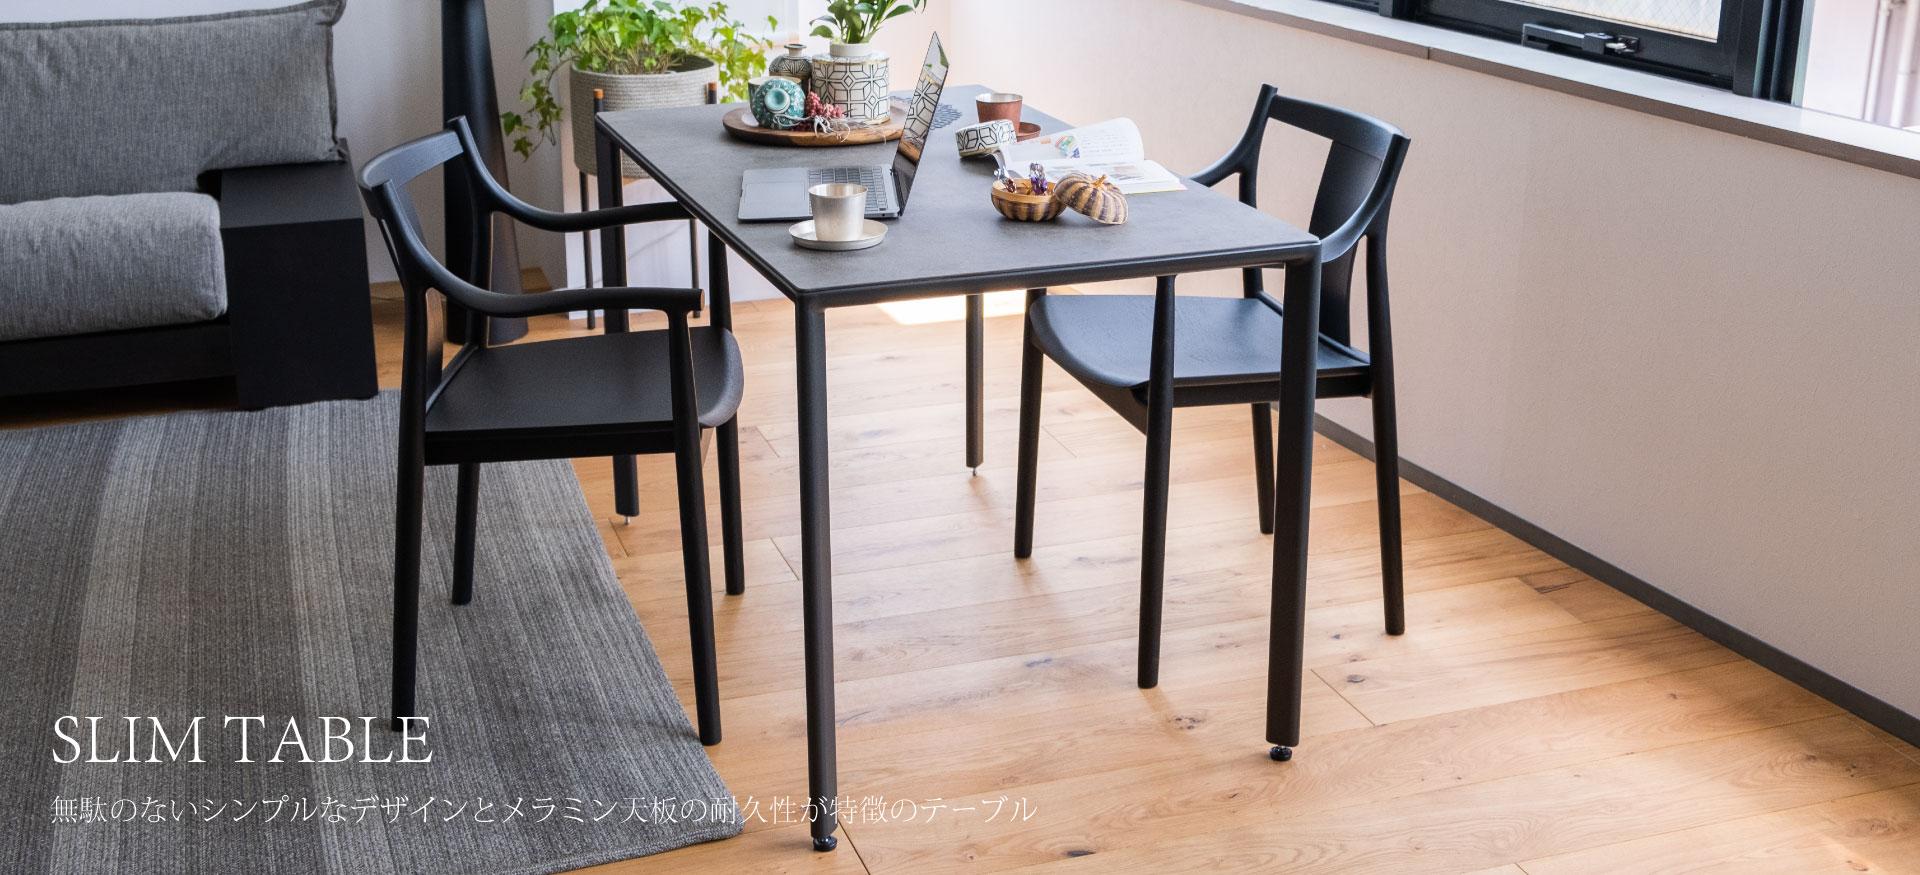 SLIM TABLE無駄のないシンプルなデザインとメラミン天板の耐久性が特徴のテーブル